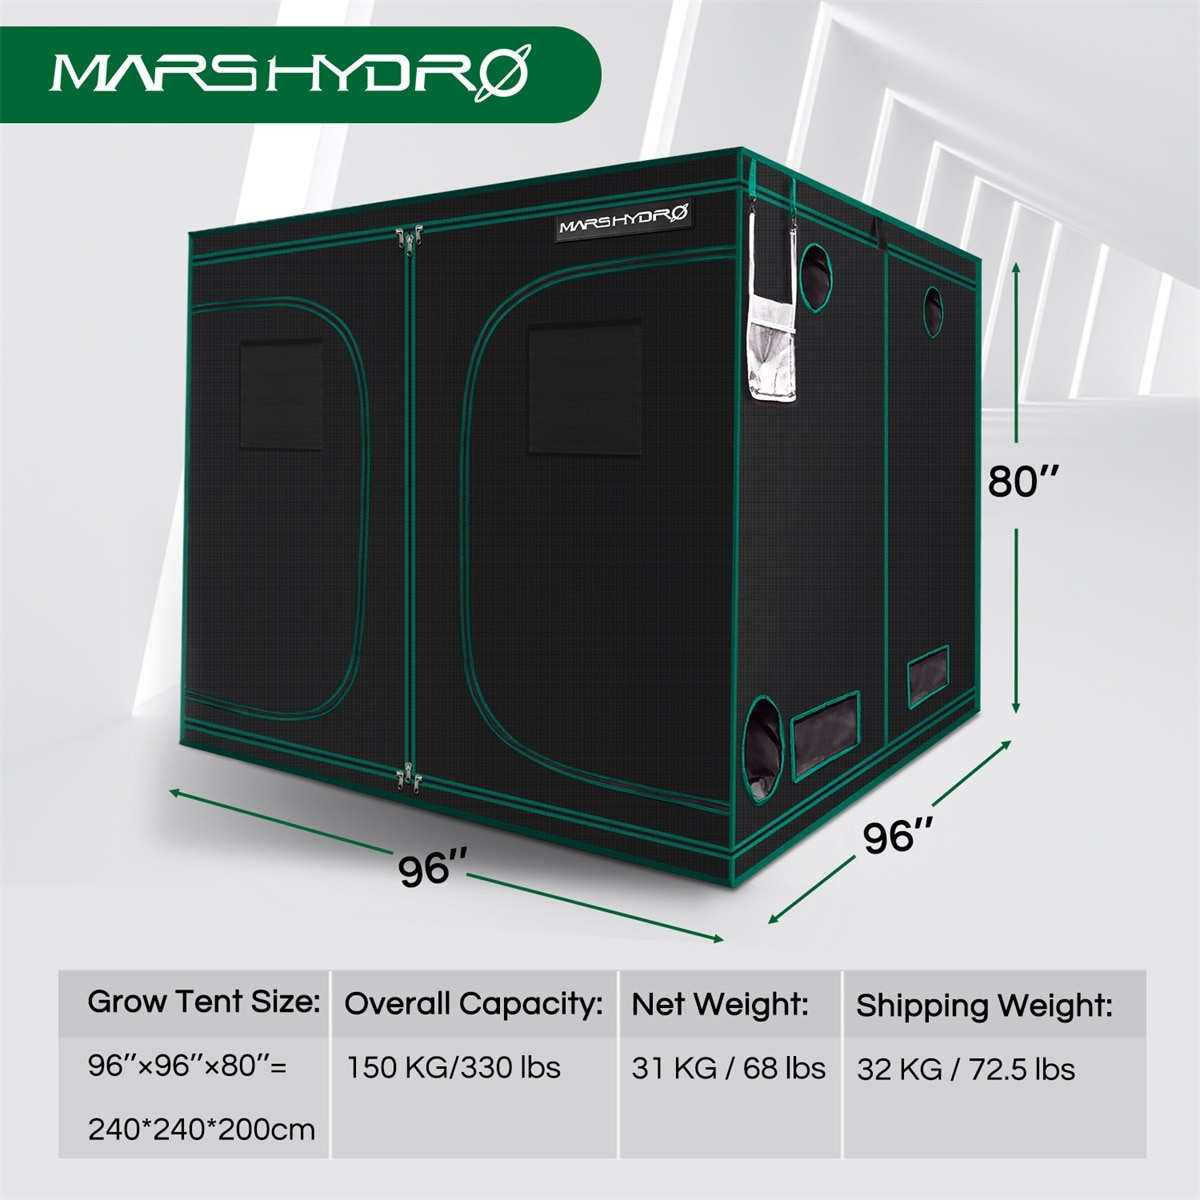 1680D Mars Hydro 240X240X200cm Indoor LED Grow Tent Indoor Growing  System Non-toxic plant room Indoor garden Water-proof hut enlarge